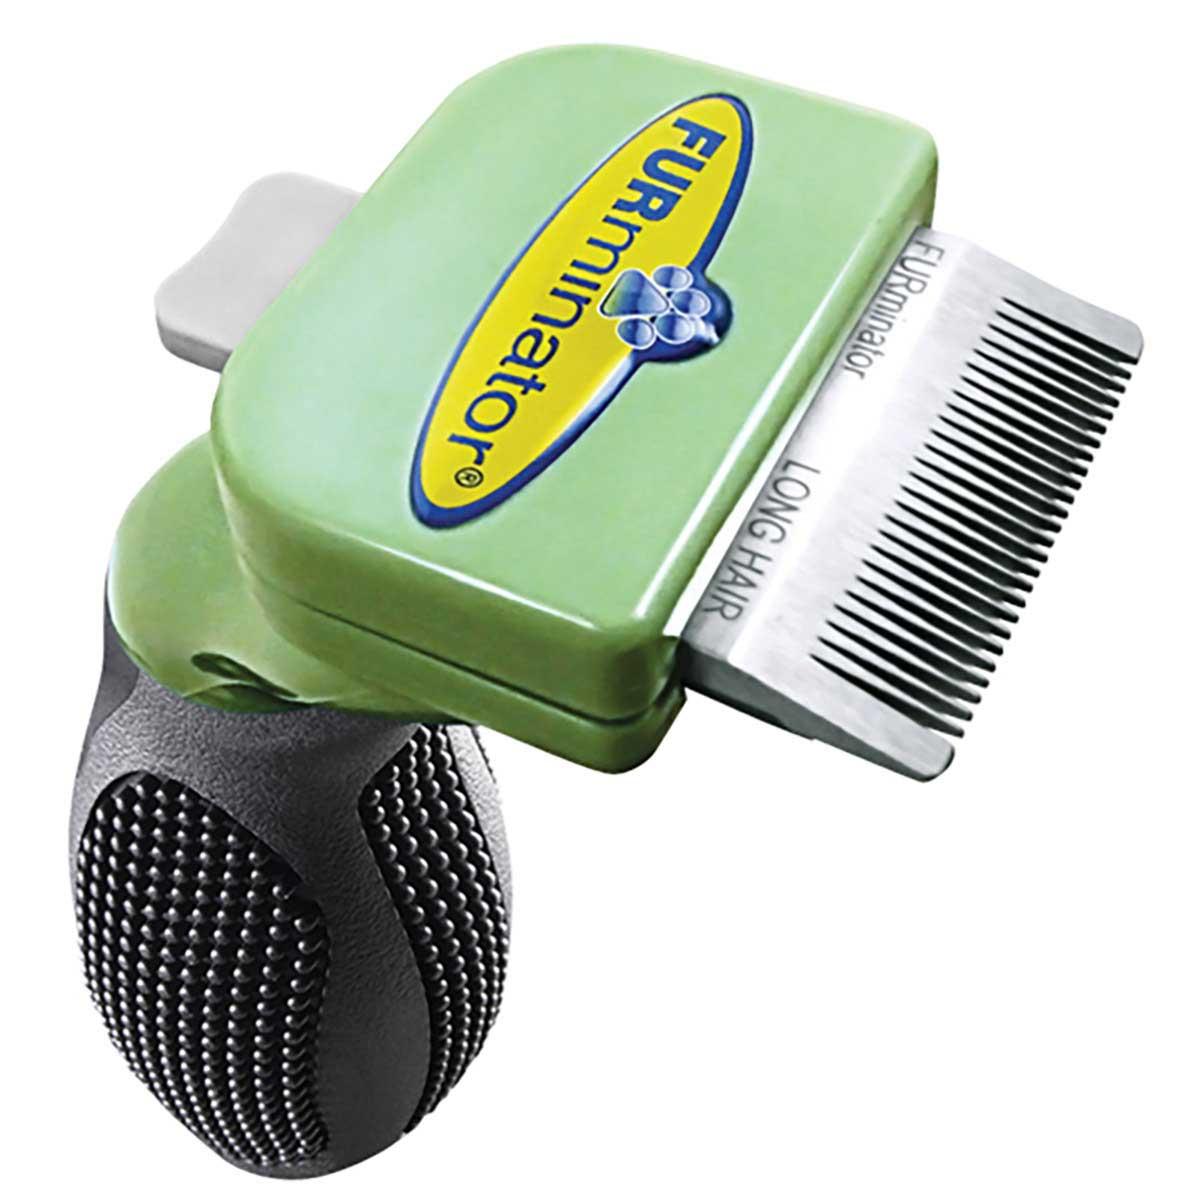 Furminator Toy Dog Long Hair Deshedding Brush Tool